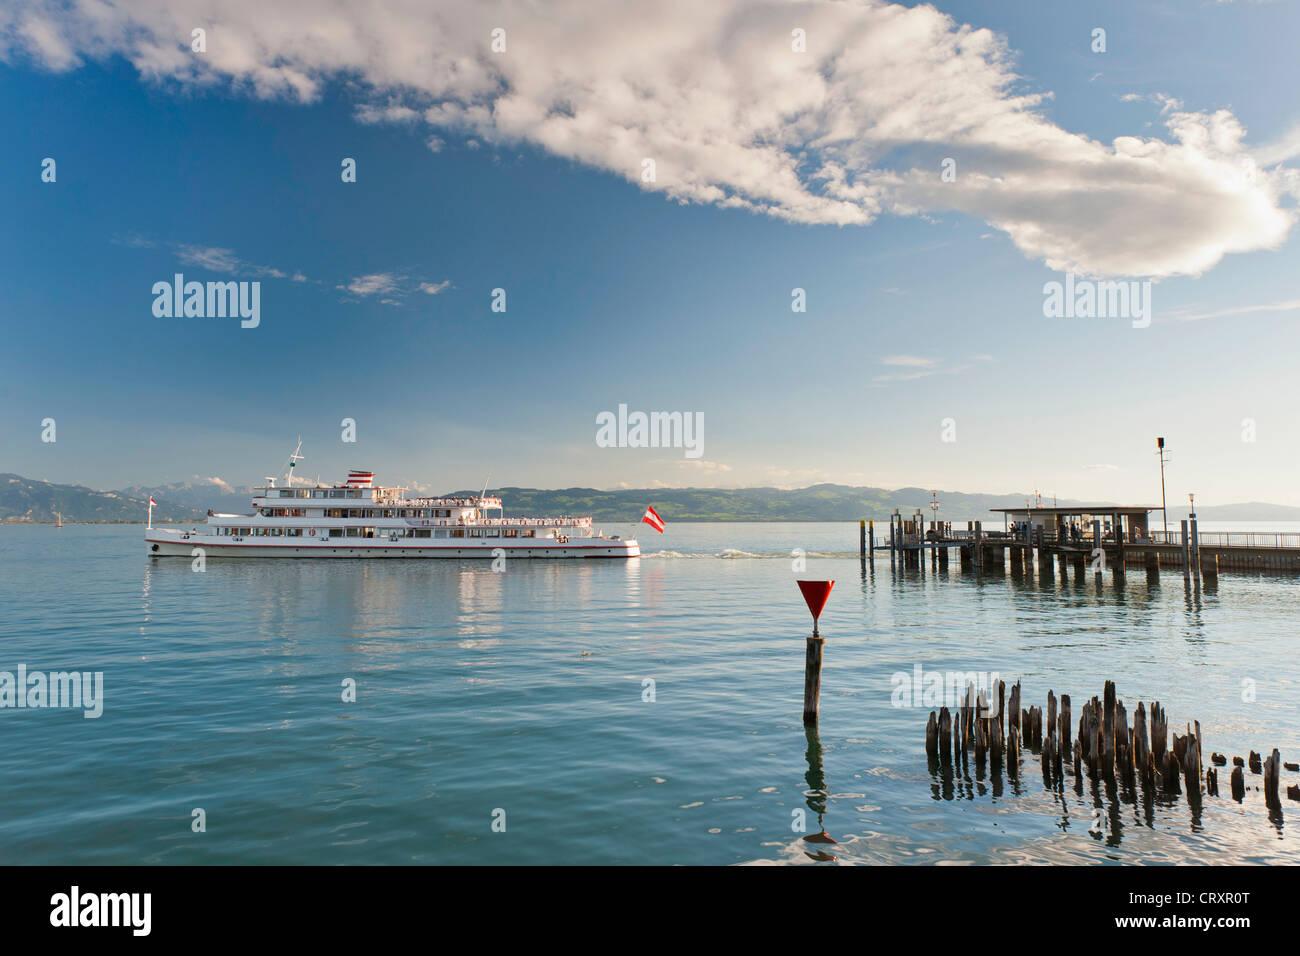 Deutschland, Wasserburg, Blick auf Schiff Abfahrt von der Anlegestelle Stockbild